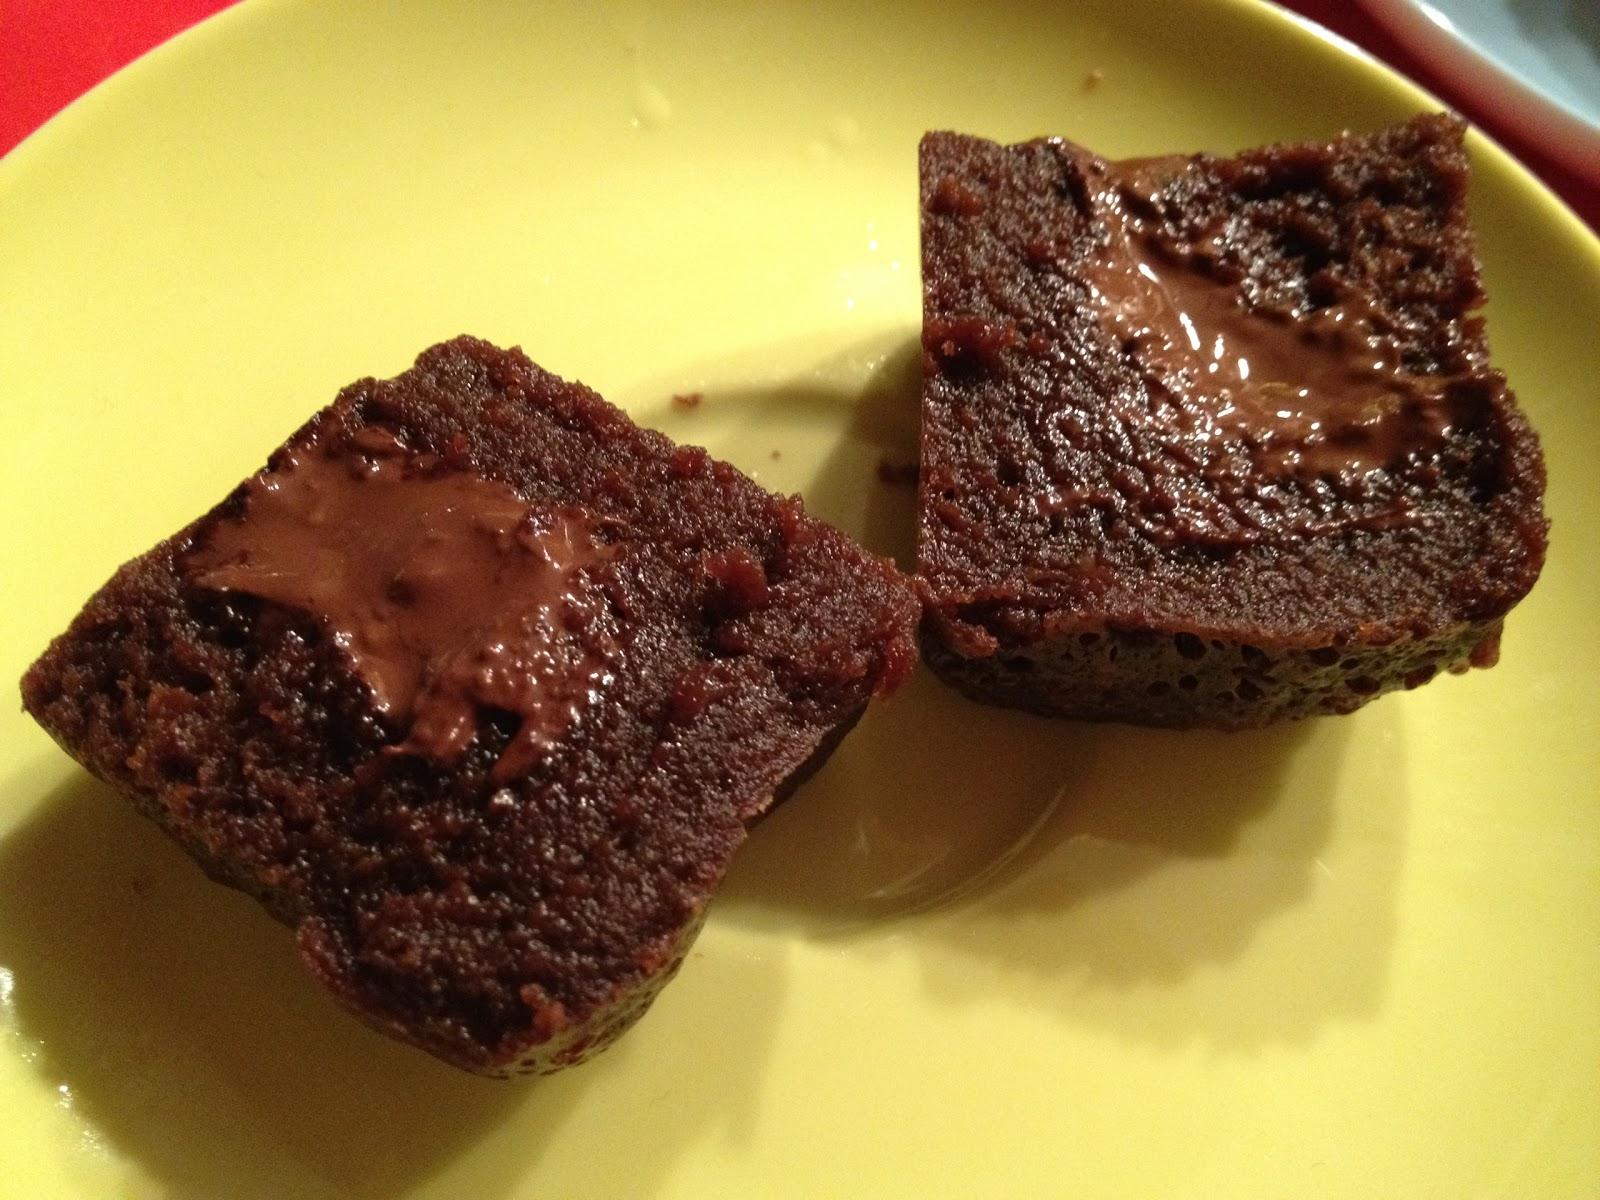 kochen von a bis z schokoladenk chlein mit fl ssigem kern aus dem dampfgarer. Black Bedroom Furniture Sets. Home Design Ideas